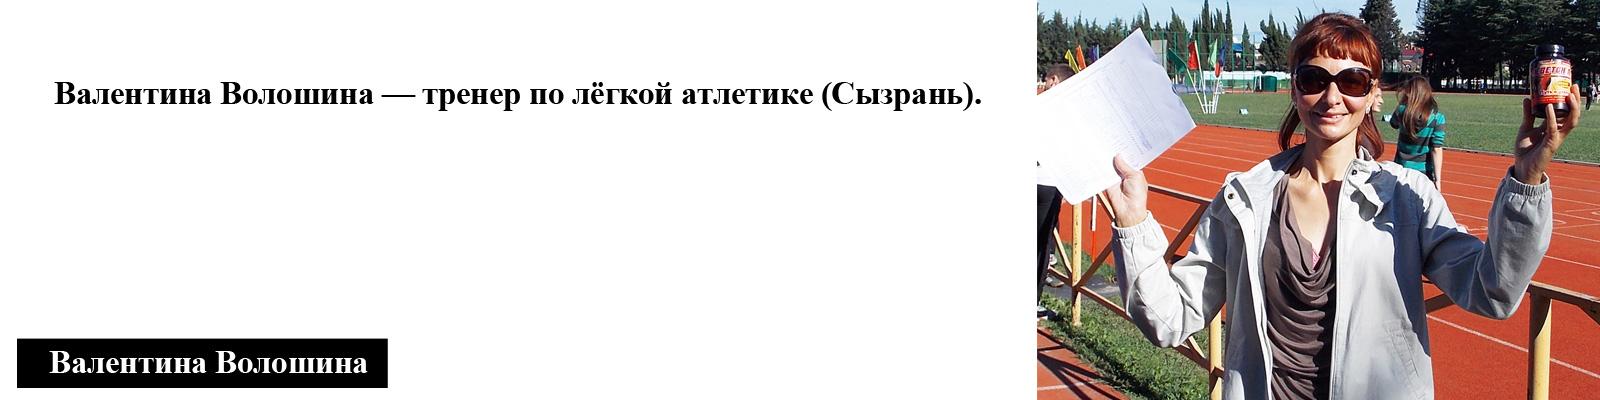 Тренер по легкой атлетике - Валентина Волошина